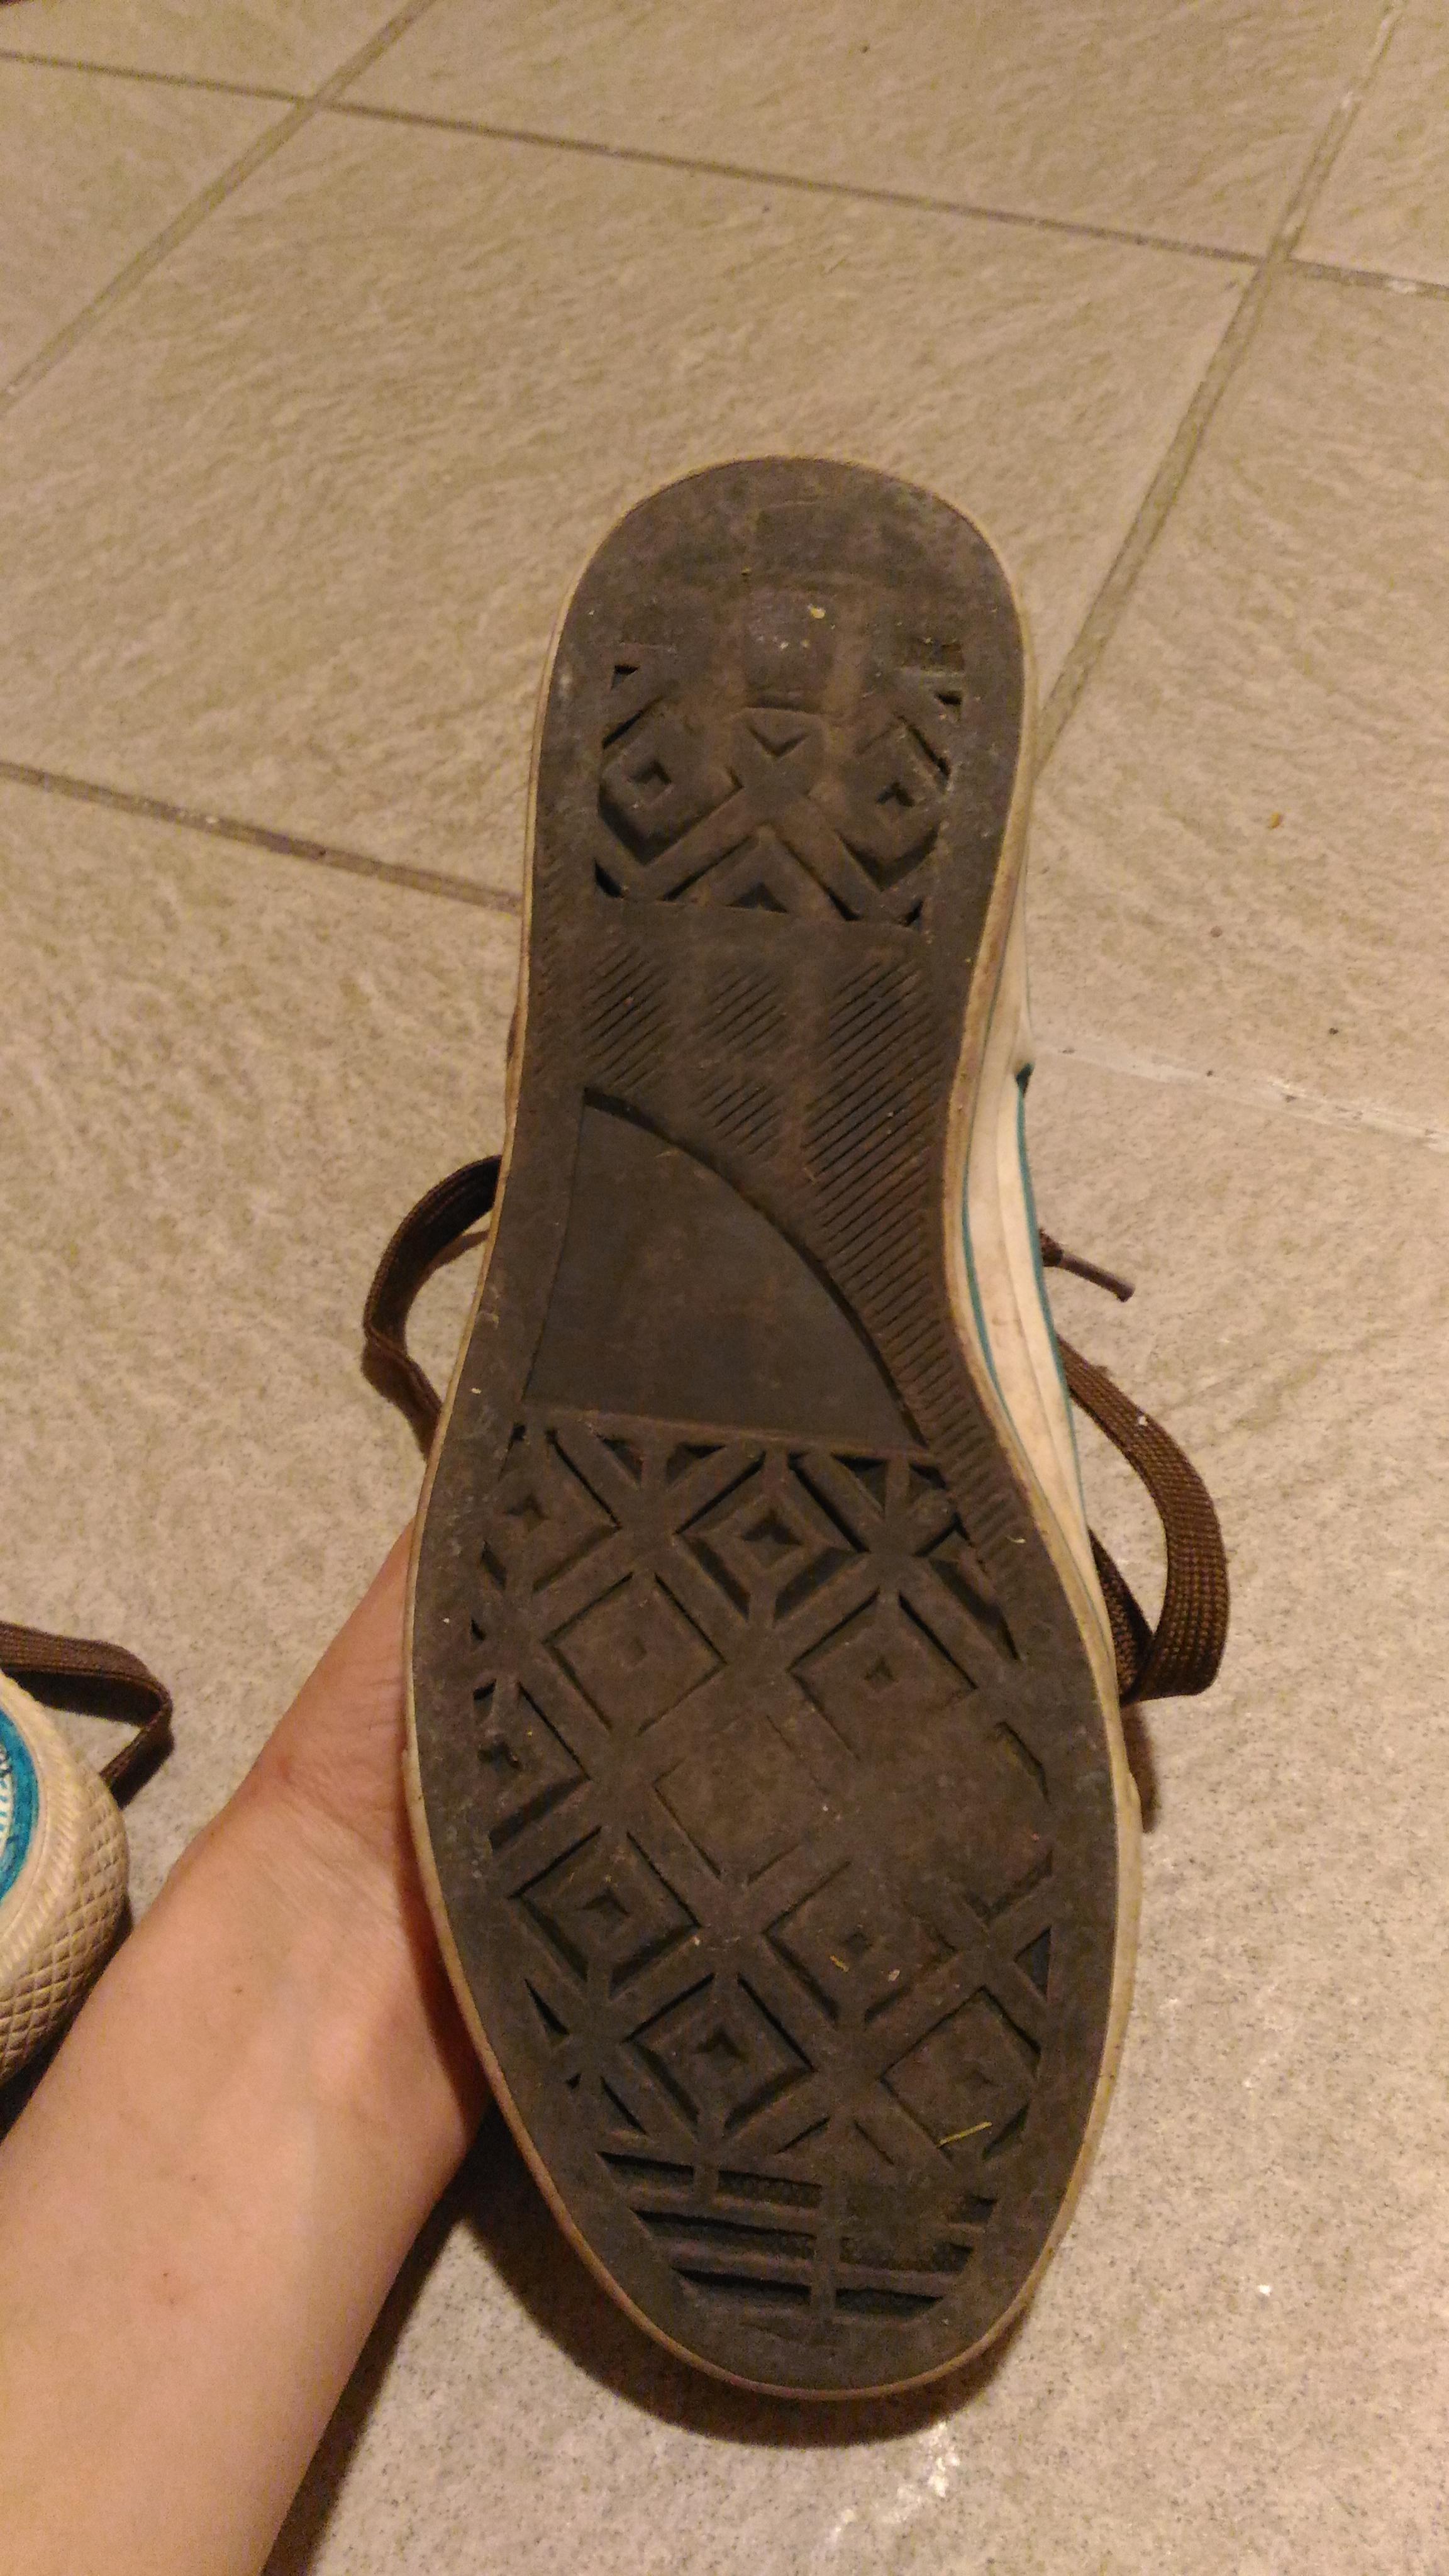 troc de troc chaussures type converse image 2